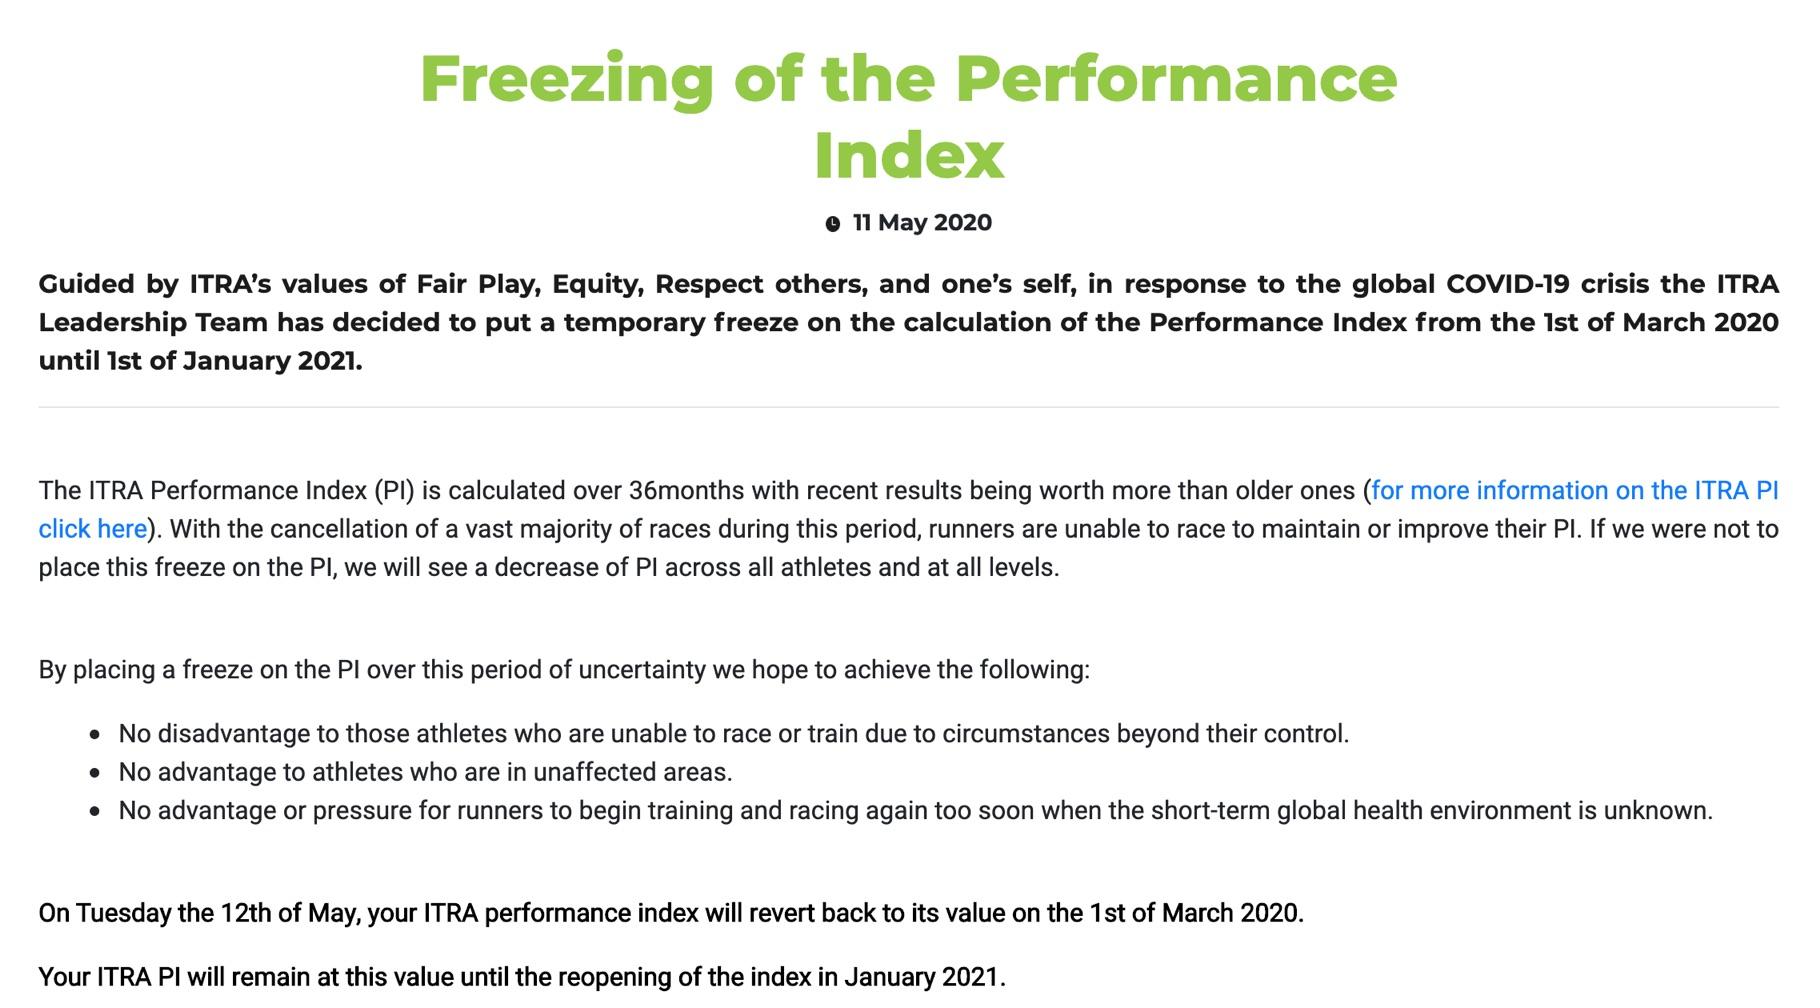 ITRA_Freezing